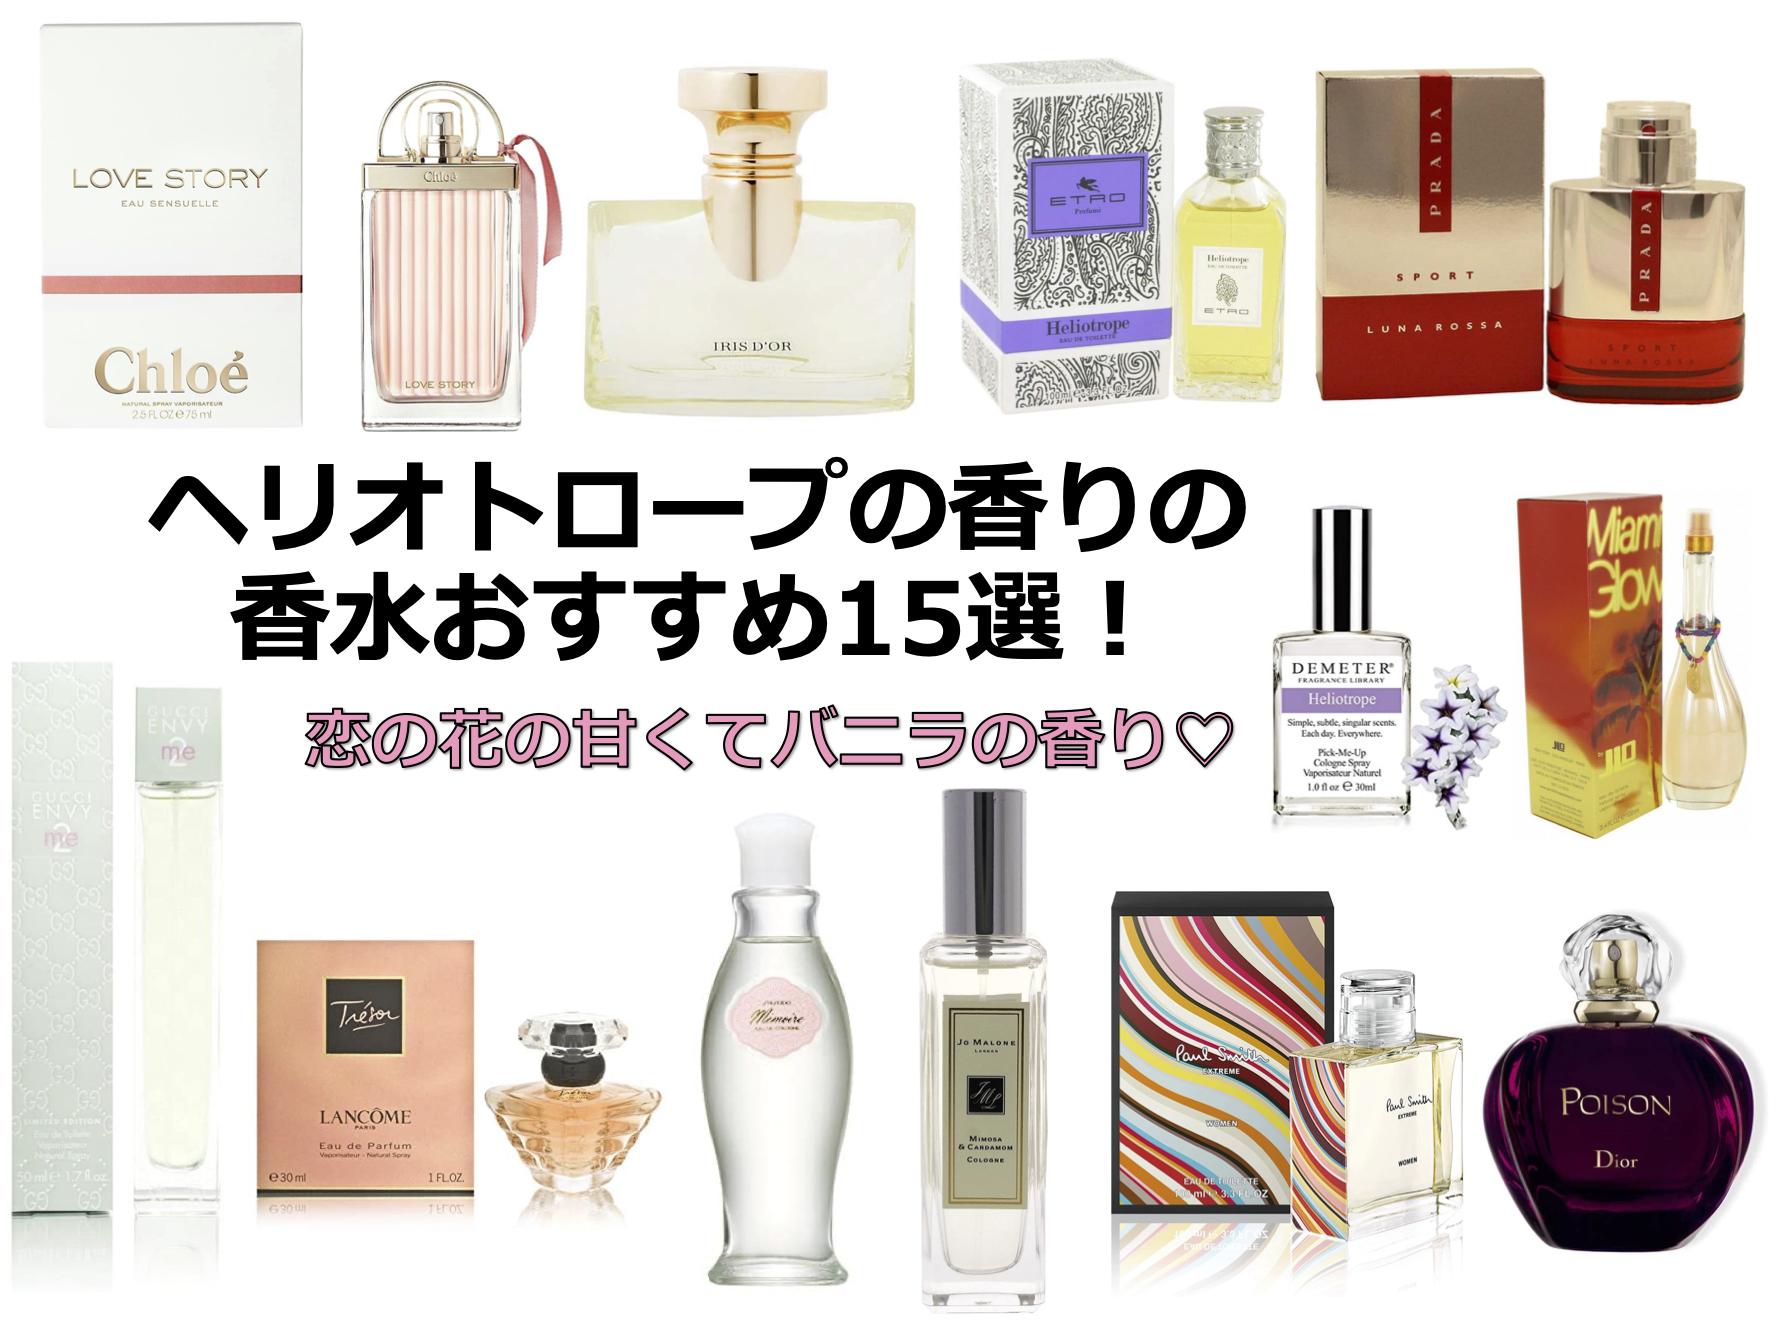 ヘリオトロープの香りの香水おすすめ15選!恋の花の甘くてバニラのような香り♡ アイキャッチ画像